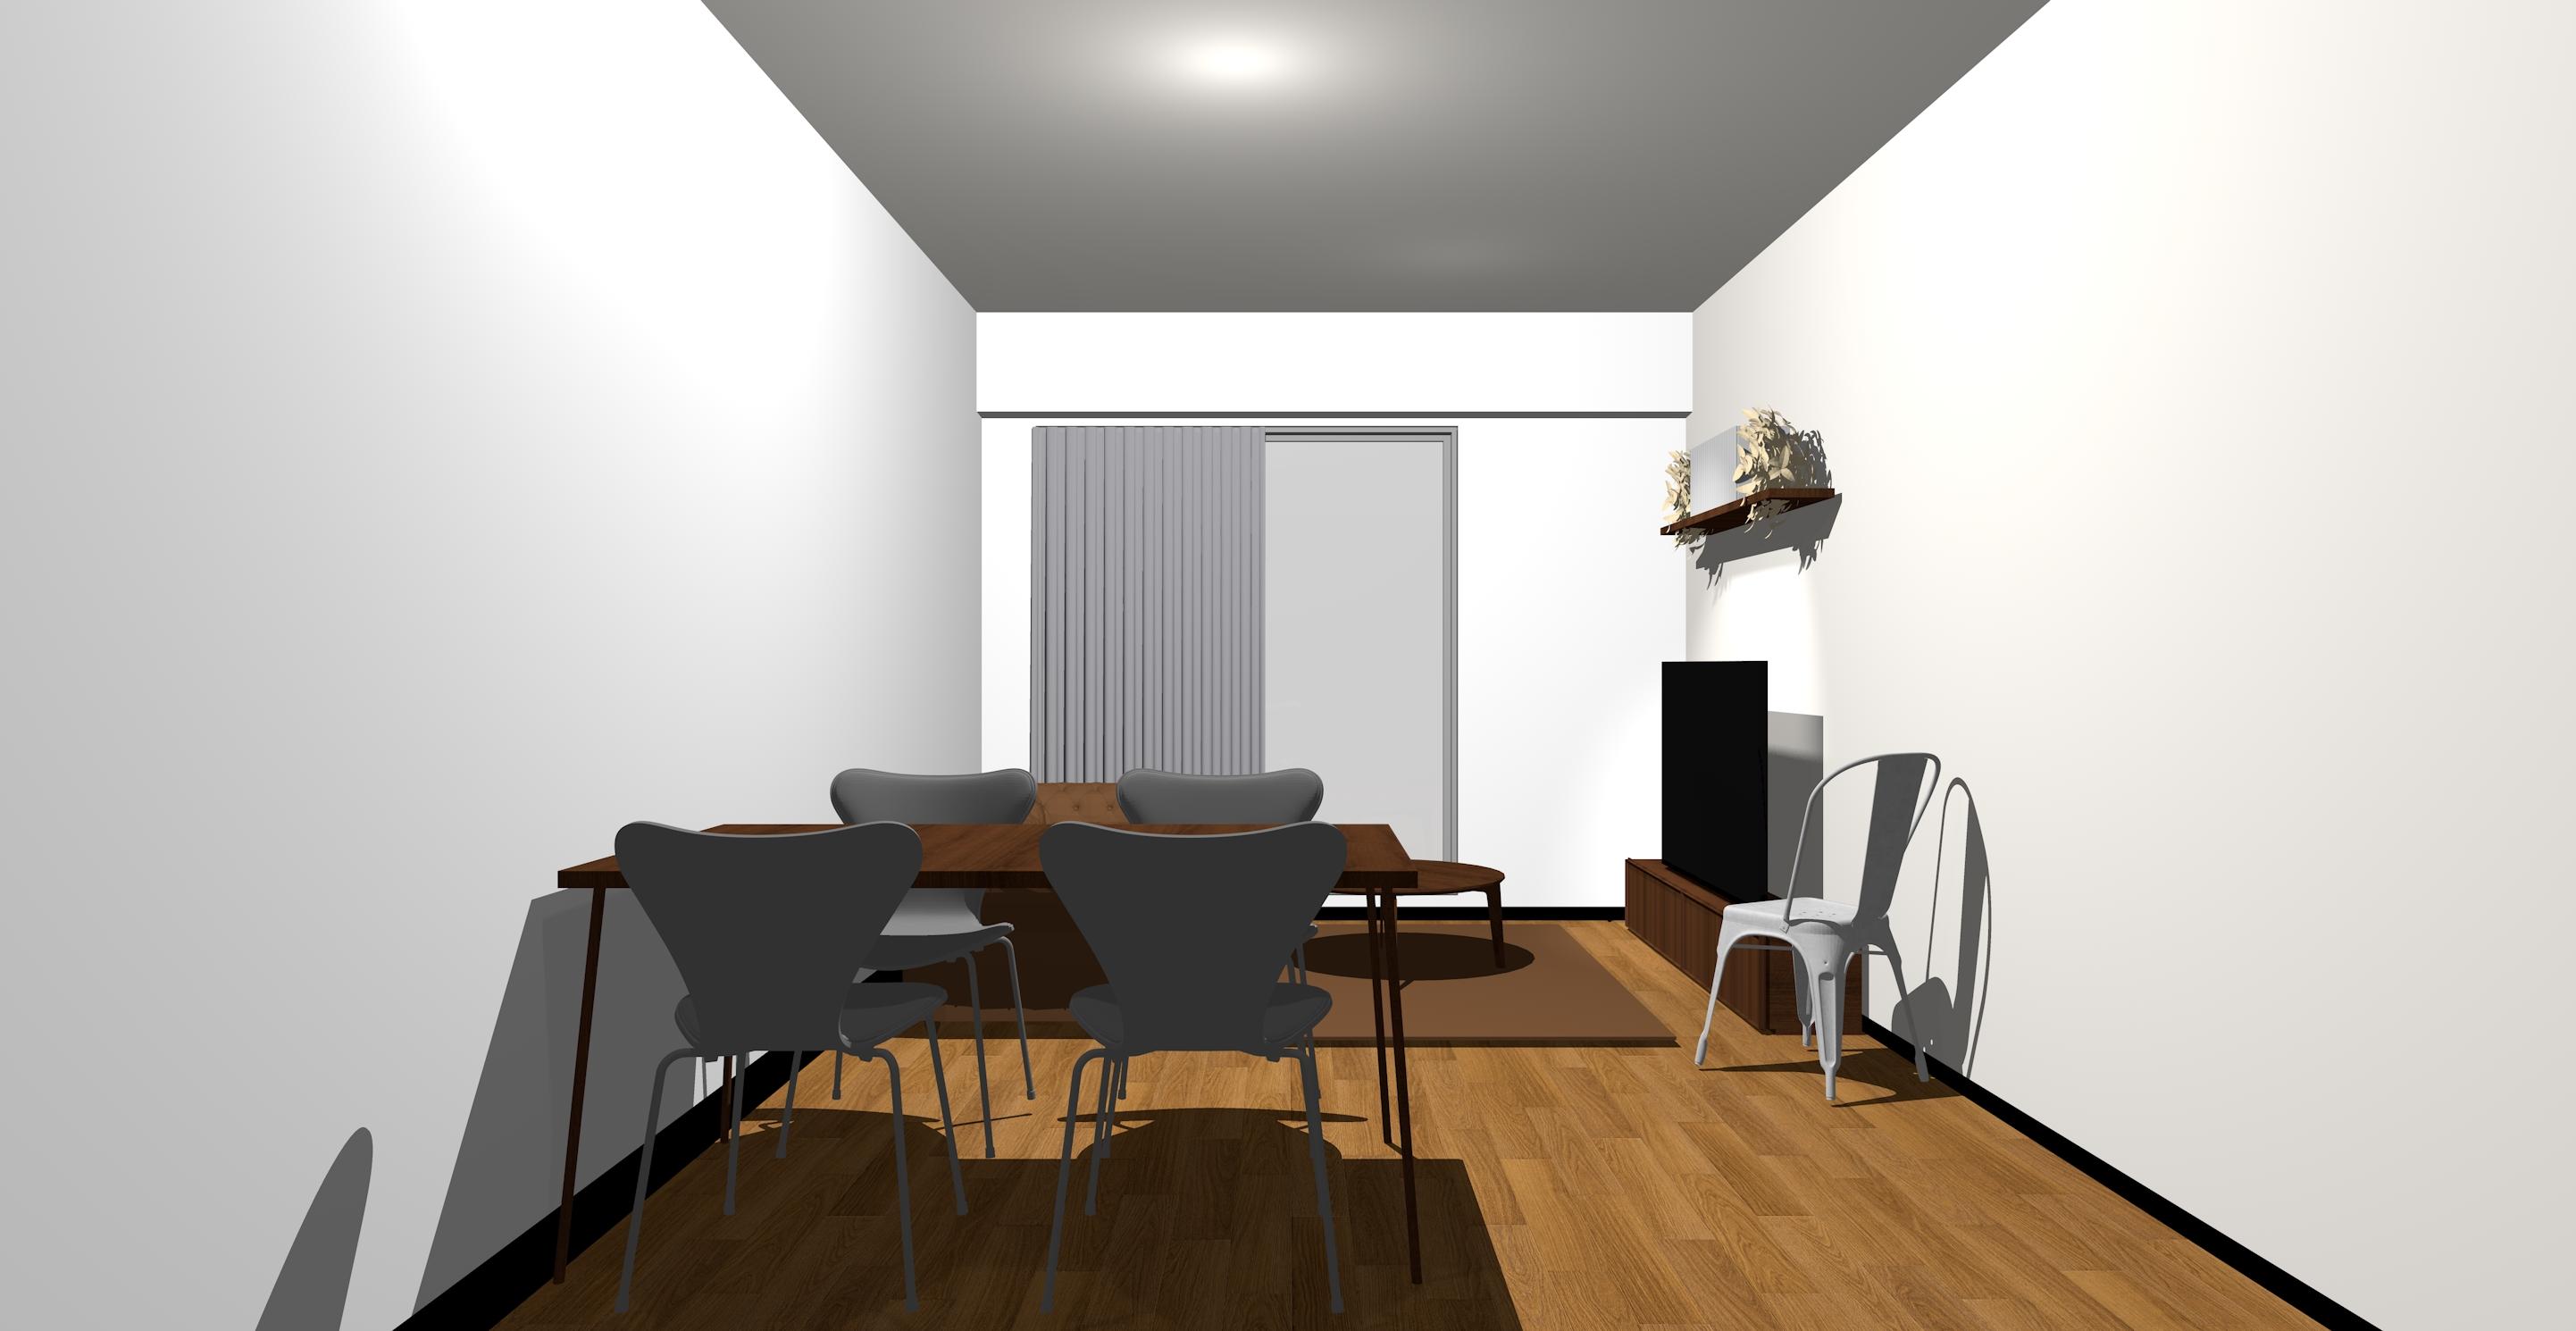 ホワイトの壁とダークブラウンの家具